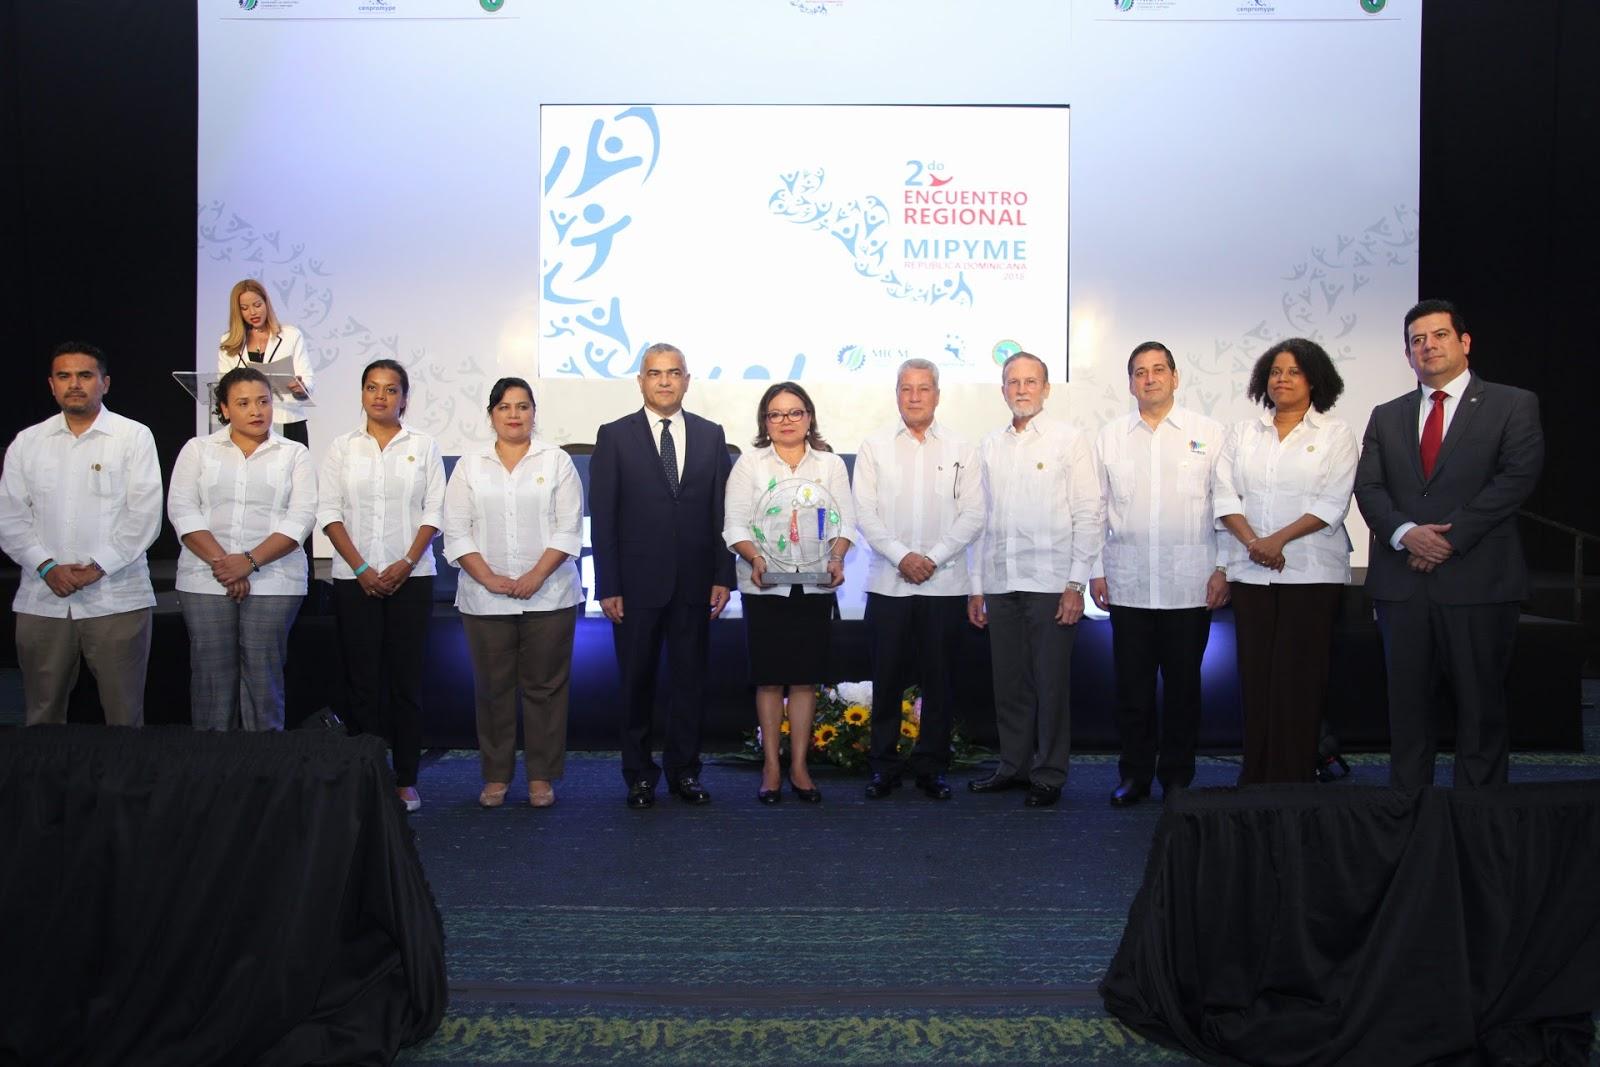 Inicia Segundo Encuentro Regional Centros Atención Mipyme 2018; CENPROMYPE-SICA reconoce a Danilo por contribuir a crecimiento inclusivo